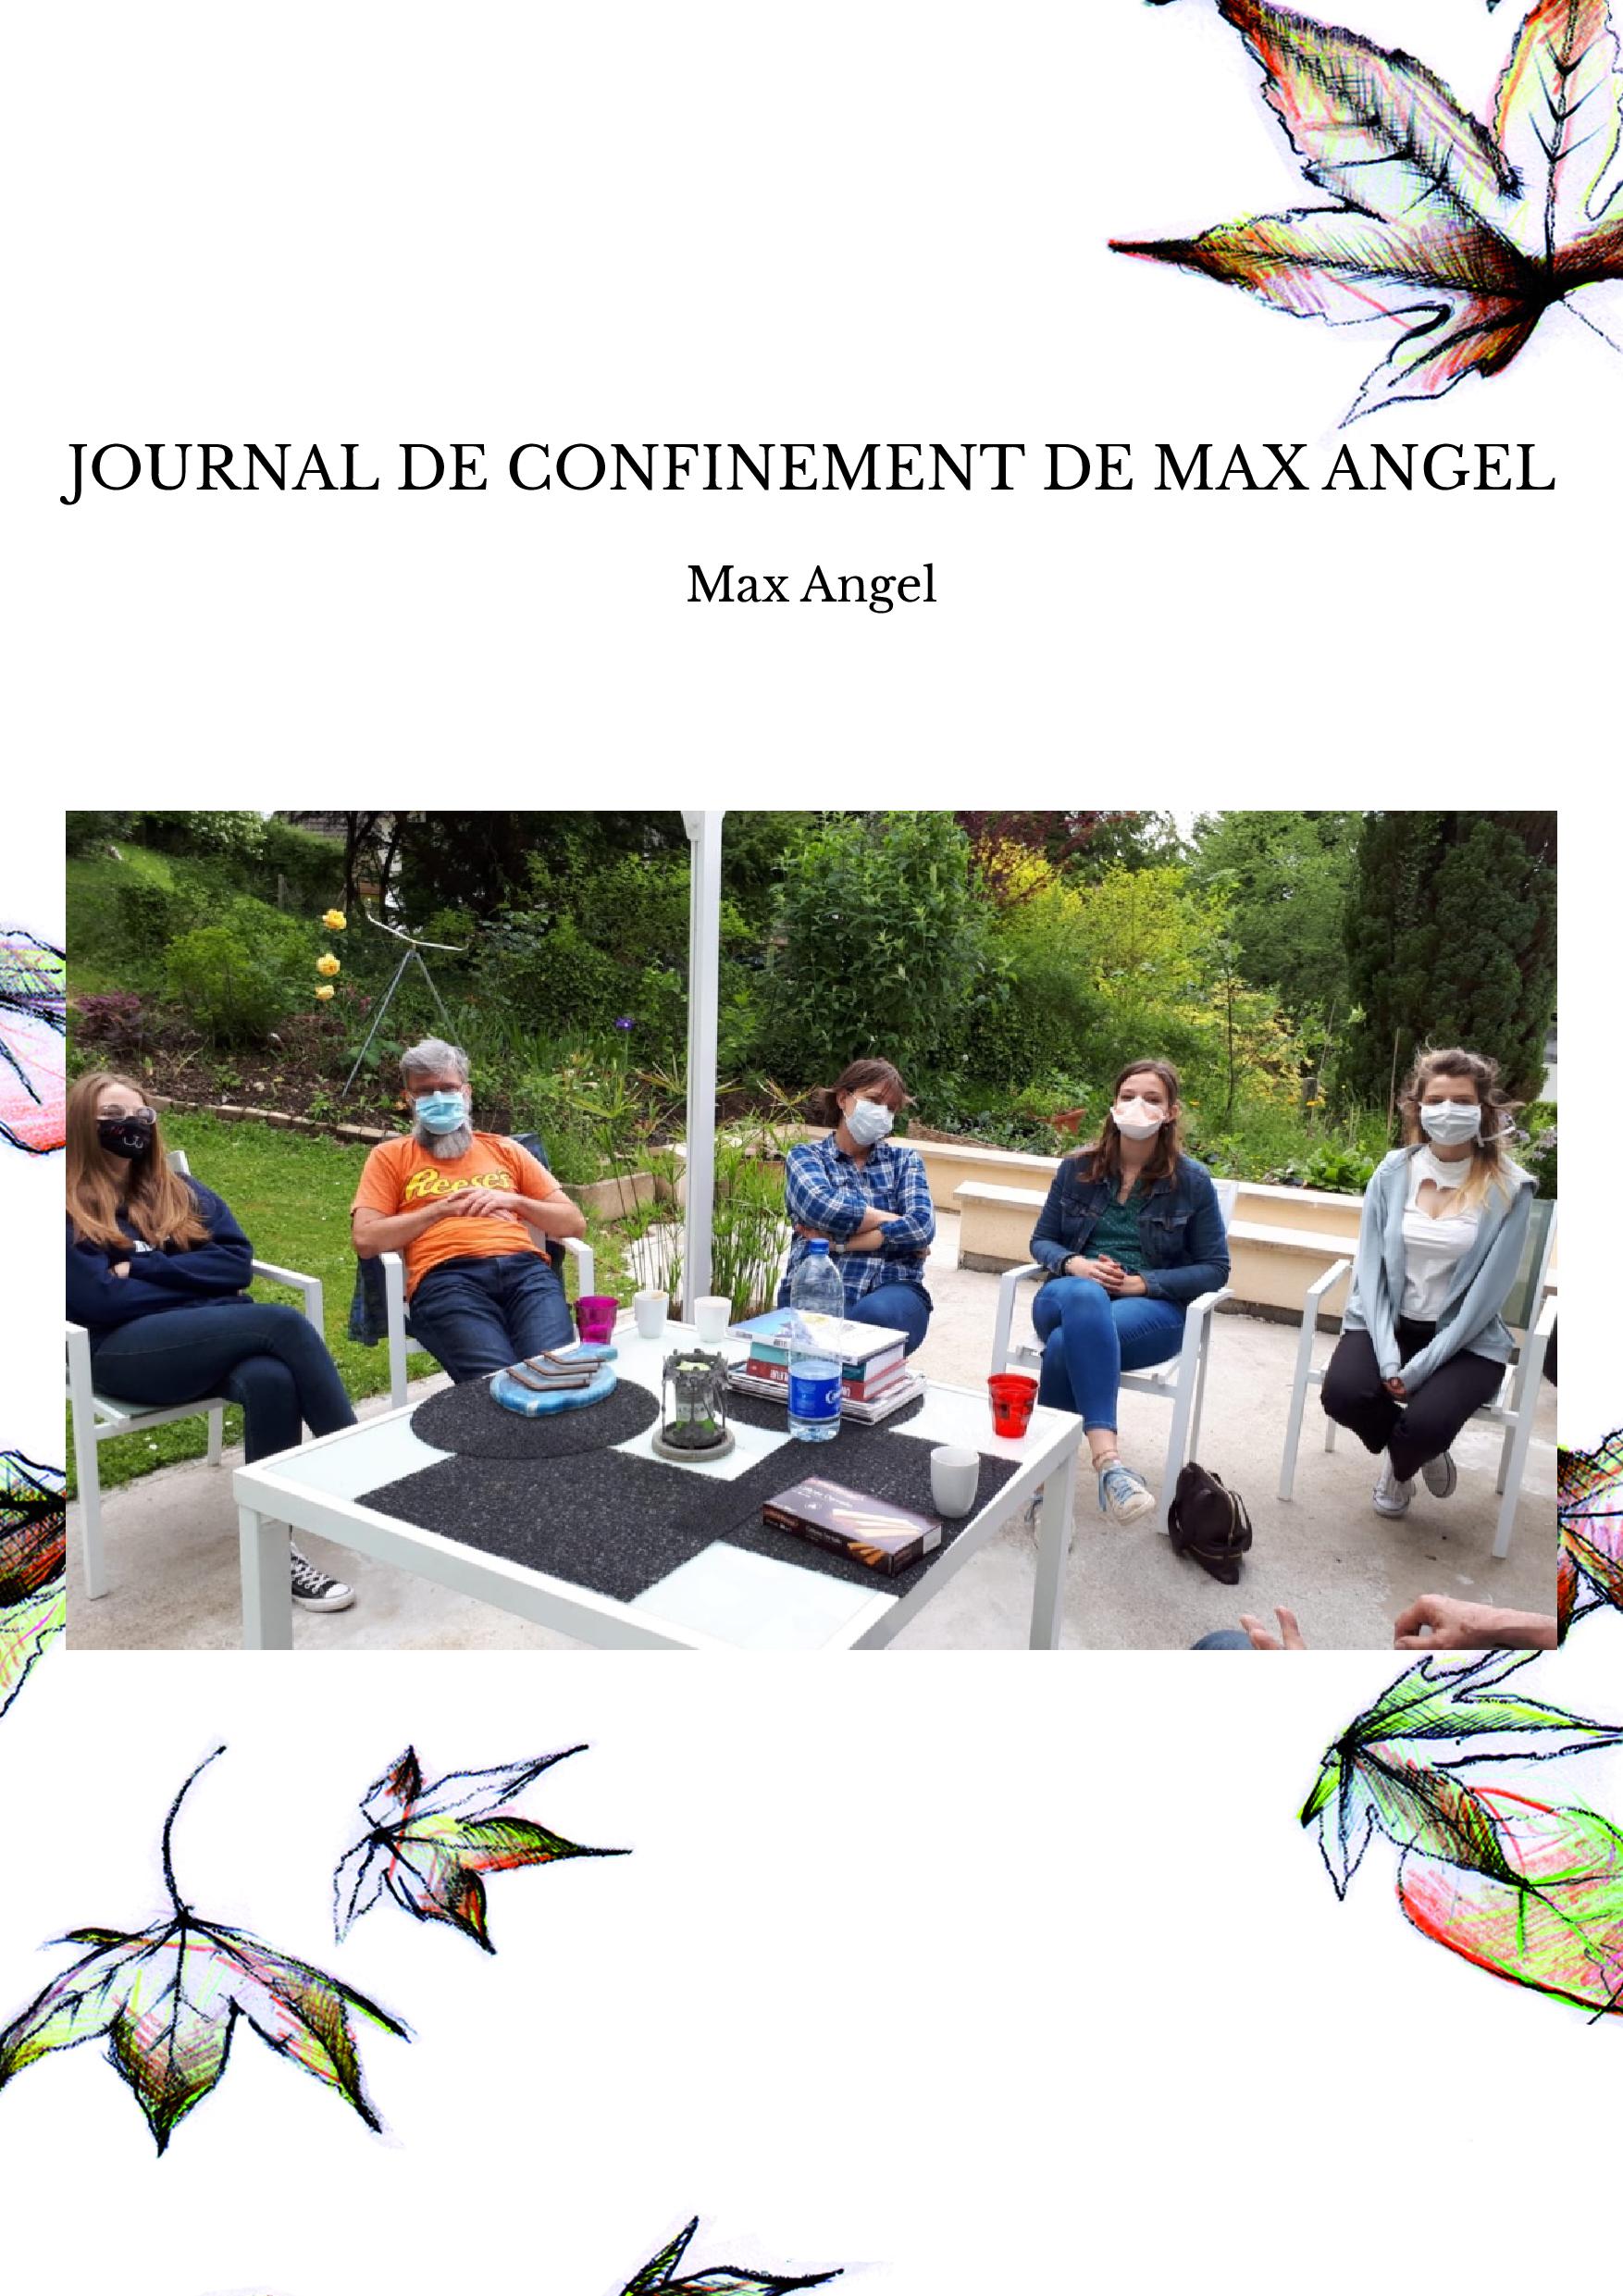 JOURNAL DE CONFINEMENT DE MAX ANGEL